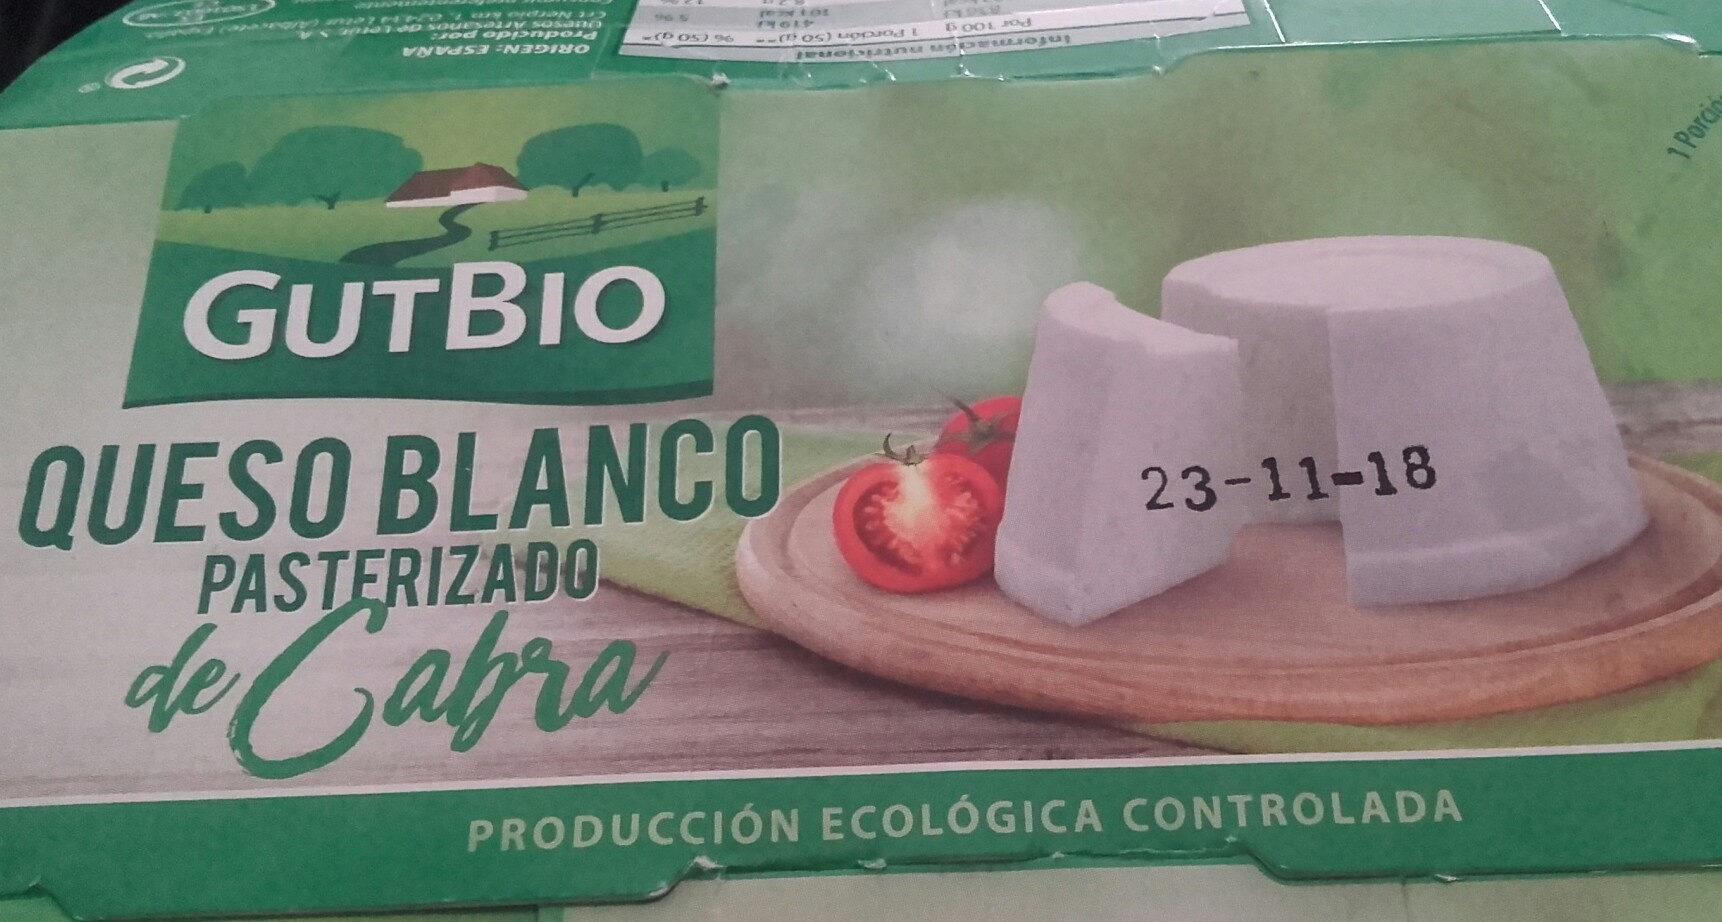 Queso Blanco Pasteurizado de Cabra - Product